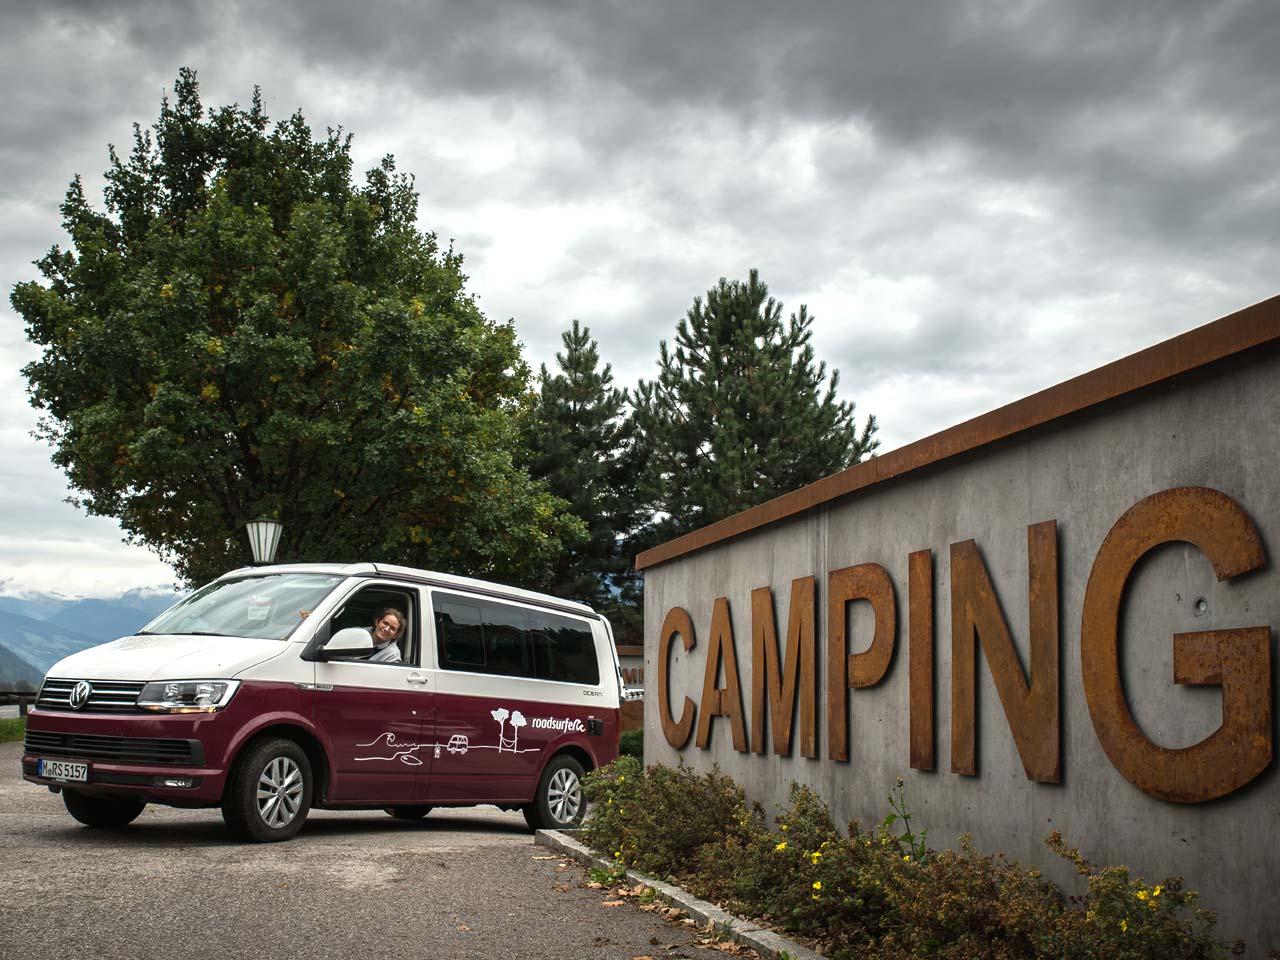 Camping mit Kind: Im roadsurfer vor dem Campingplatz (Bild: Lea Wacker)